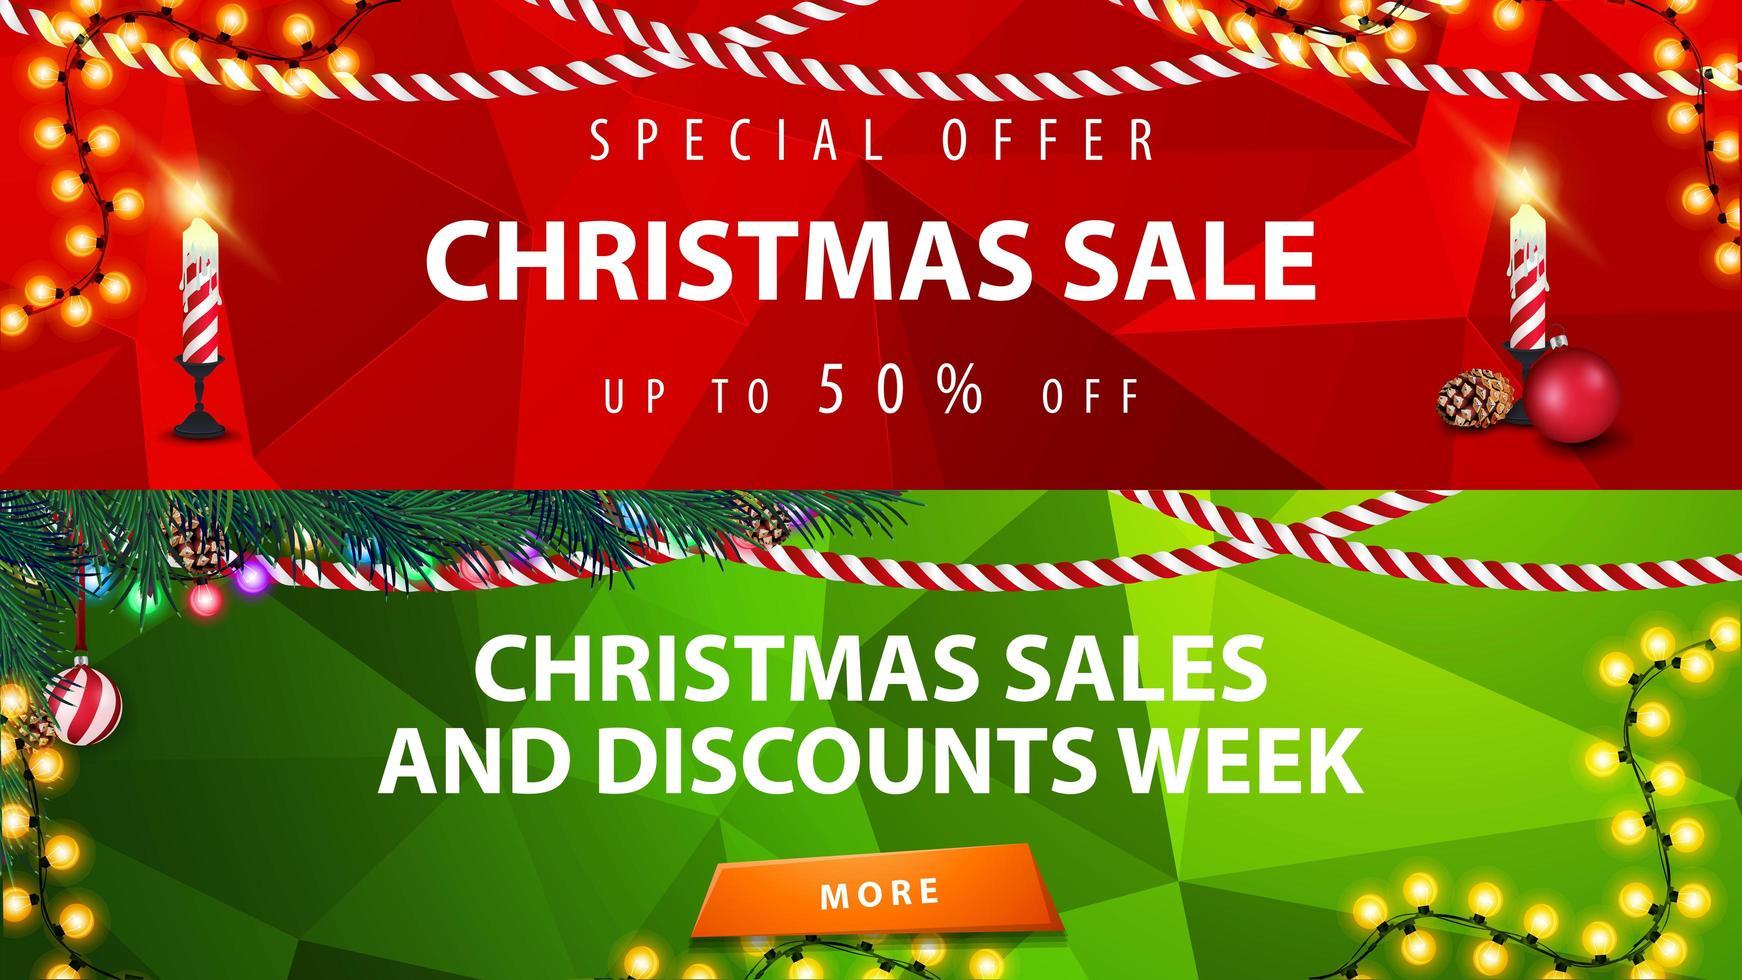 banners de desconto de Natal. modelos vermelhos e verdes com decoração de natal vetor